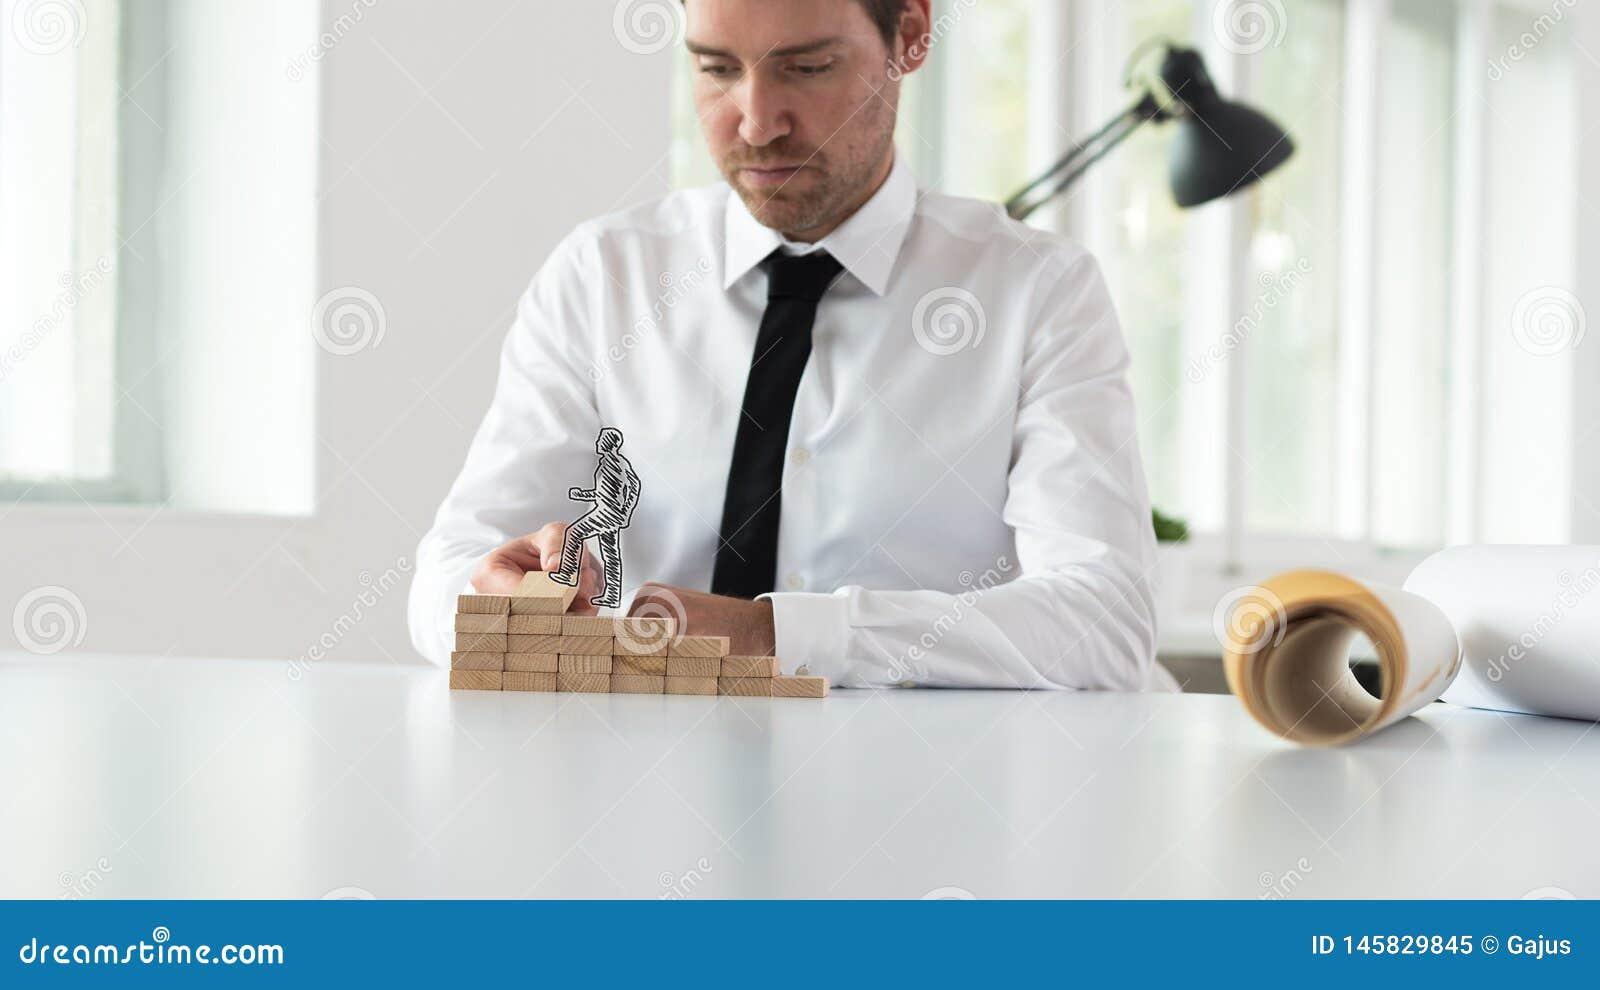 Bedrijfsmentor die houten stappen voor een gesilhouetteerde zakenman assembleren